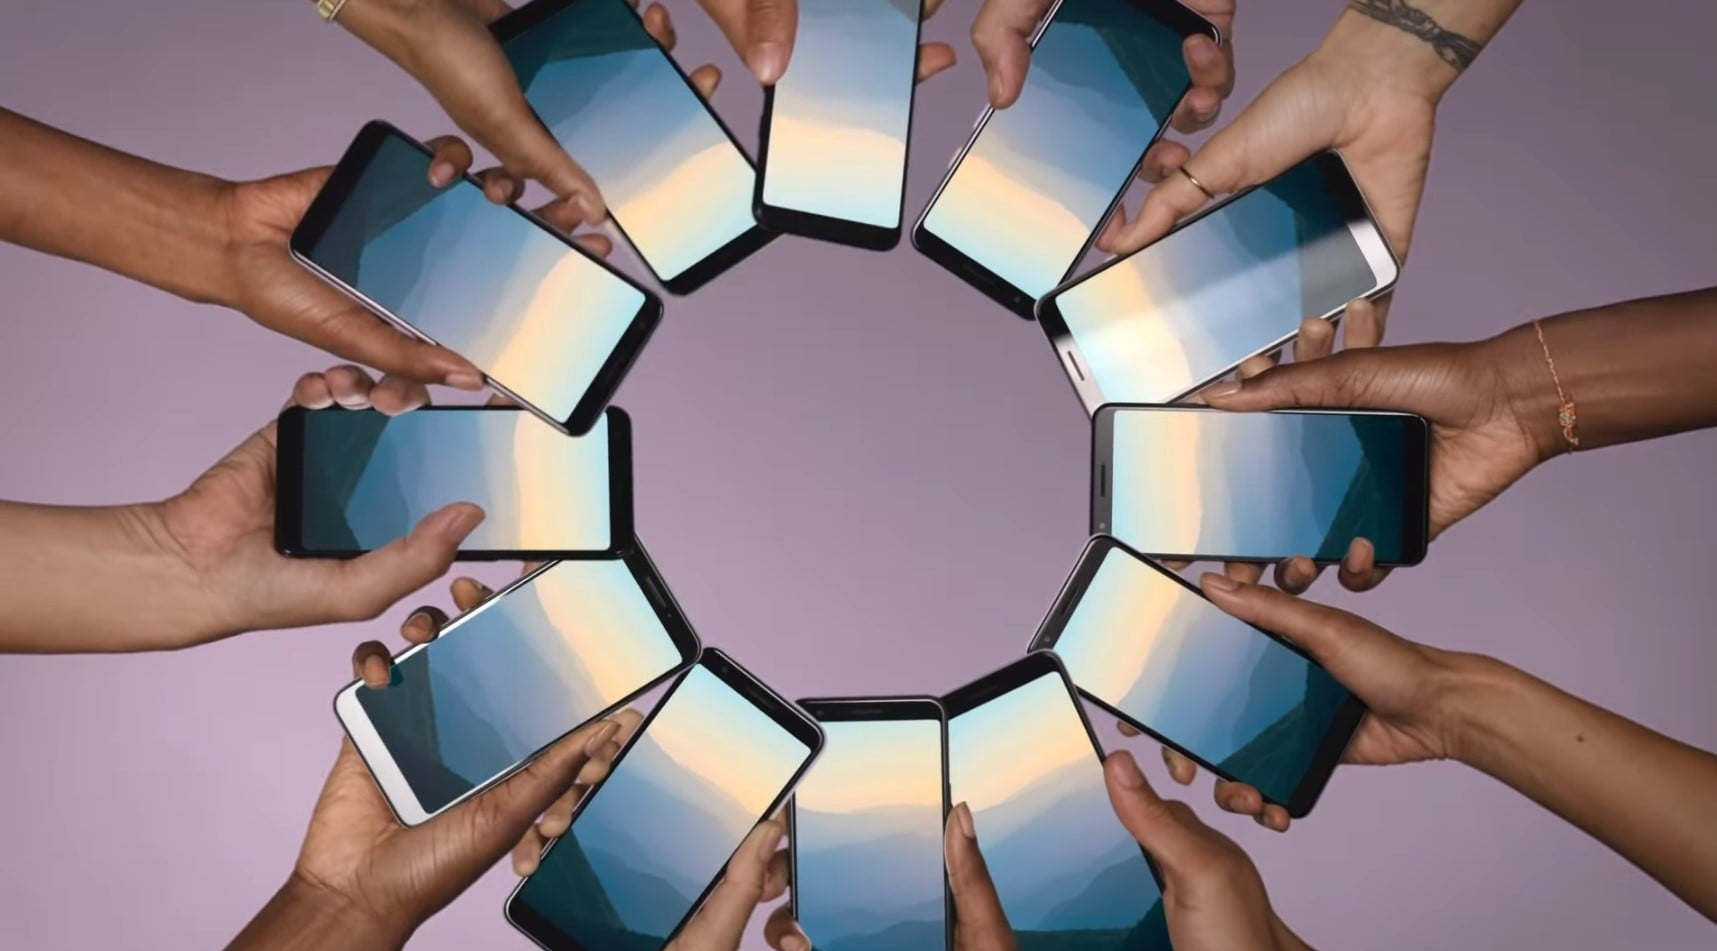 Pixel 3a uratował sprzedaż smartfonów Google